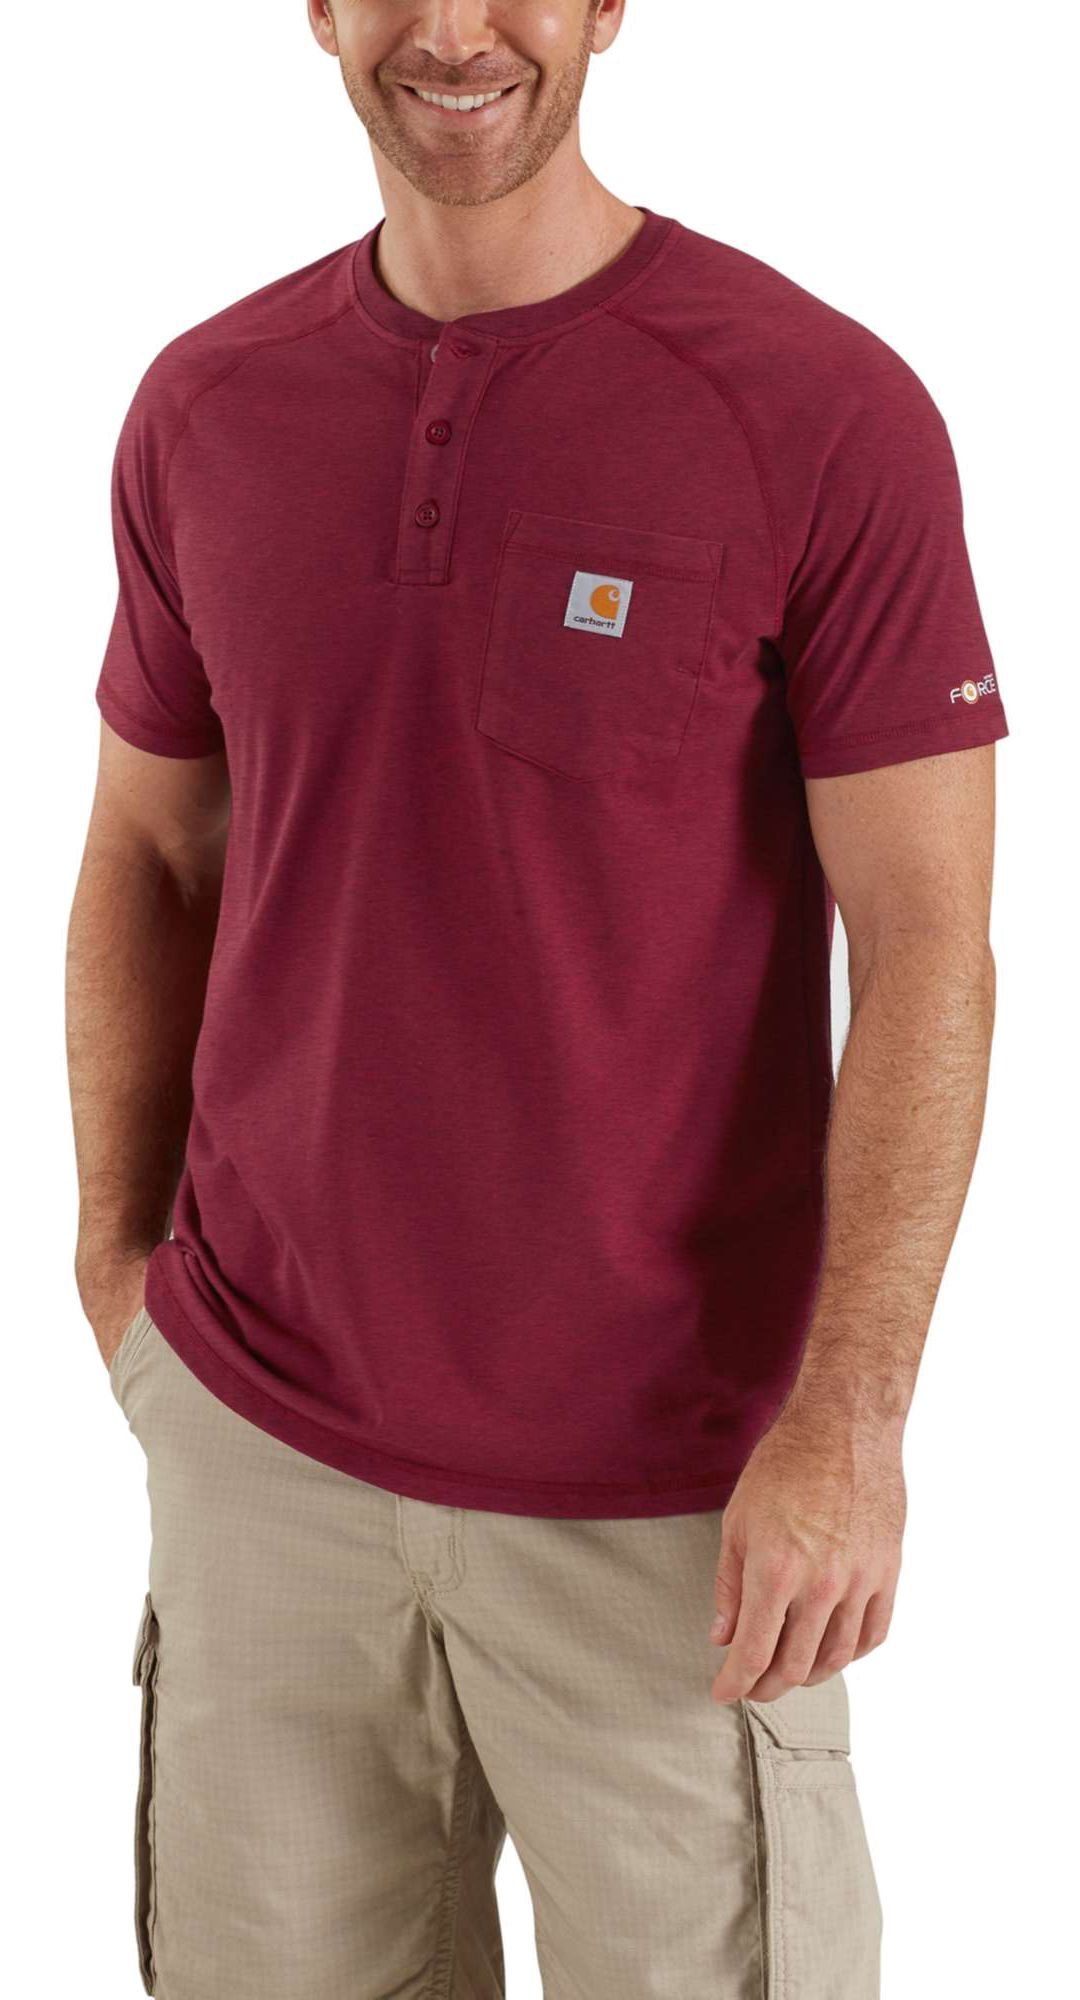 772b46cd Carhartt Men's Force Cotton Delmont Short Sleeve Henley Shirt.  noImageFound. Previous